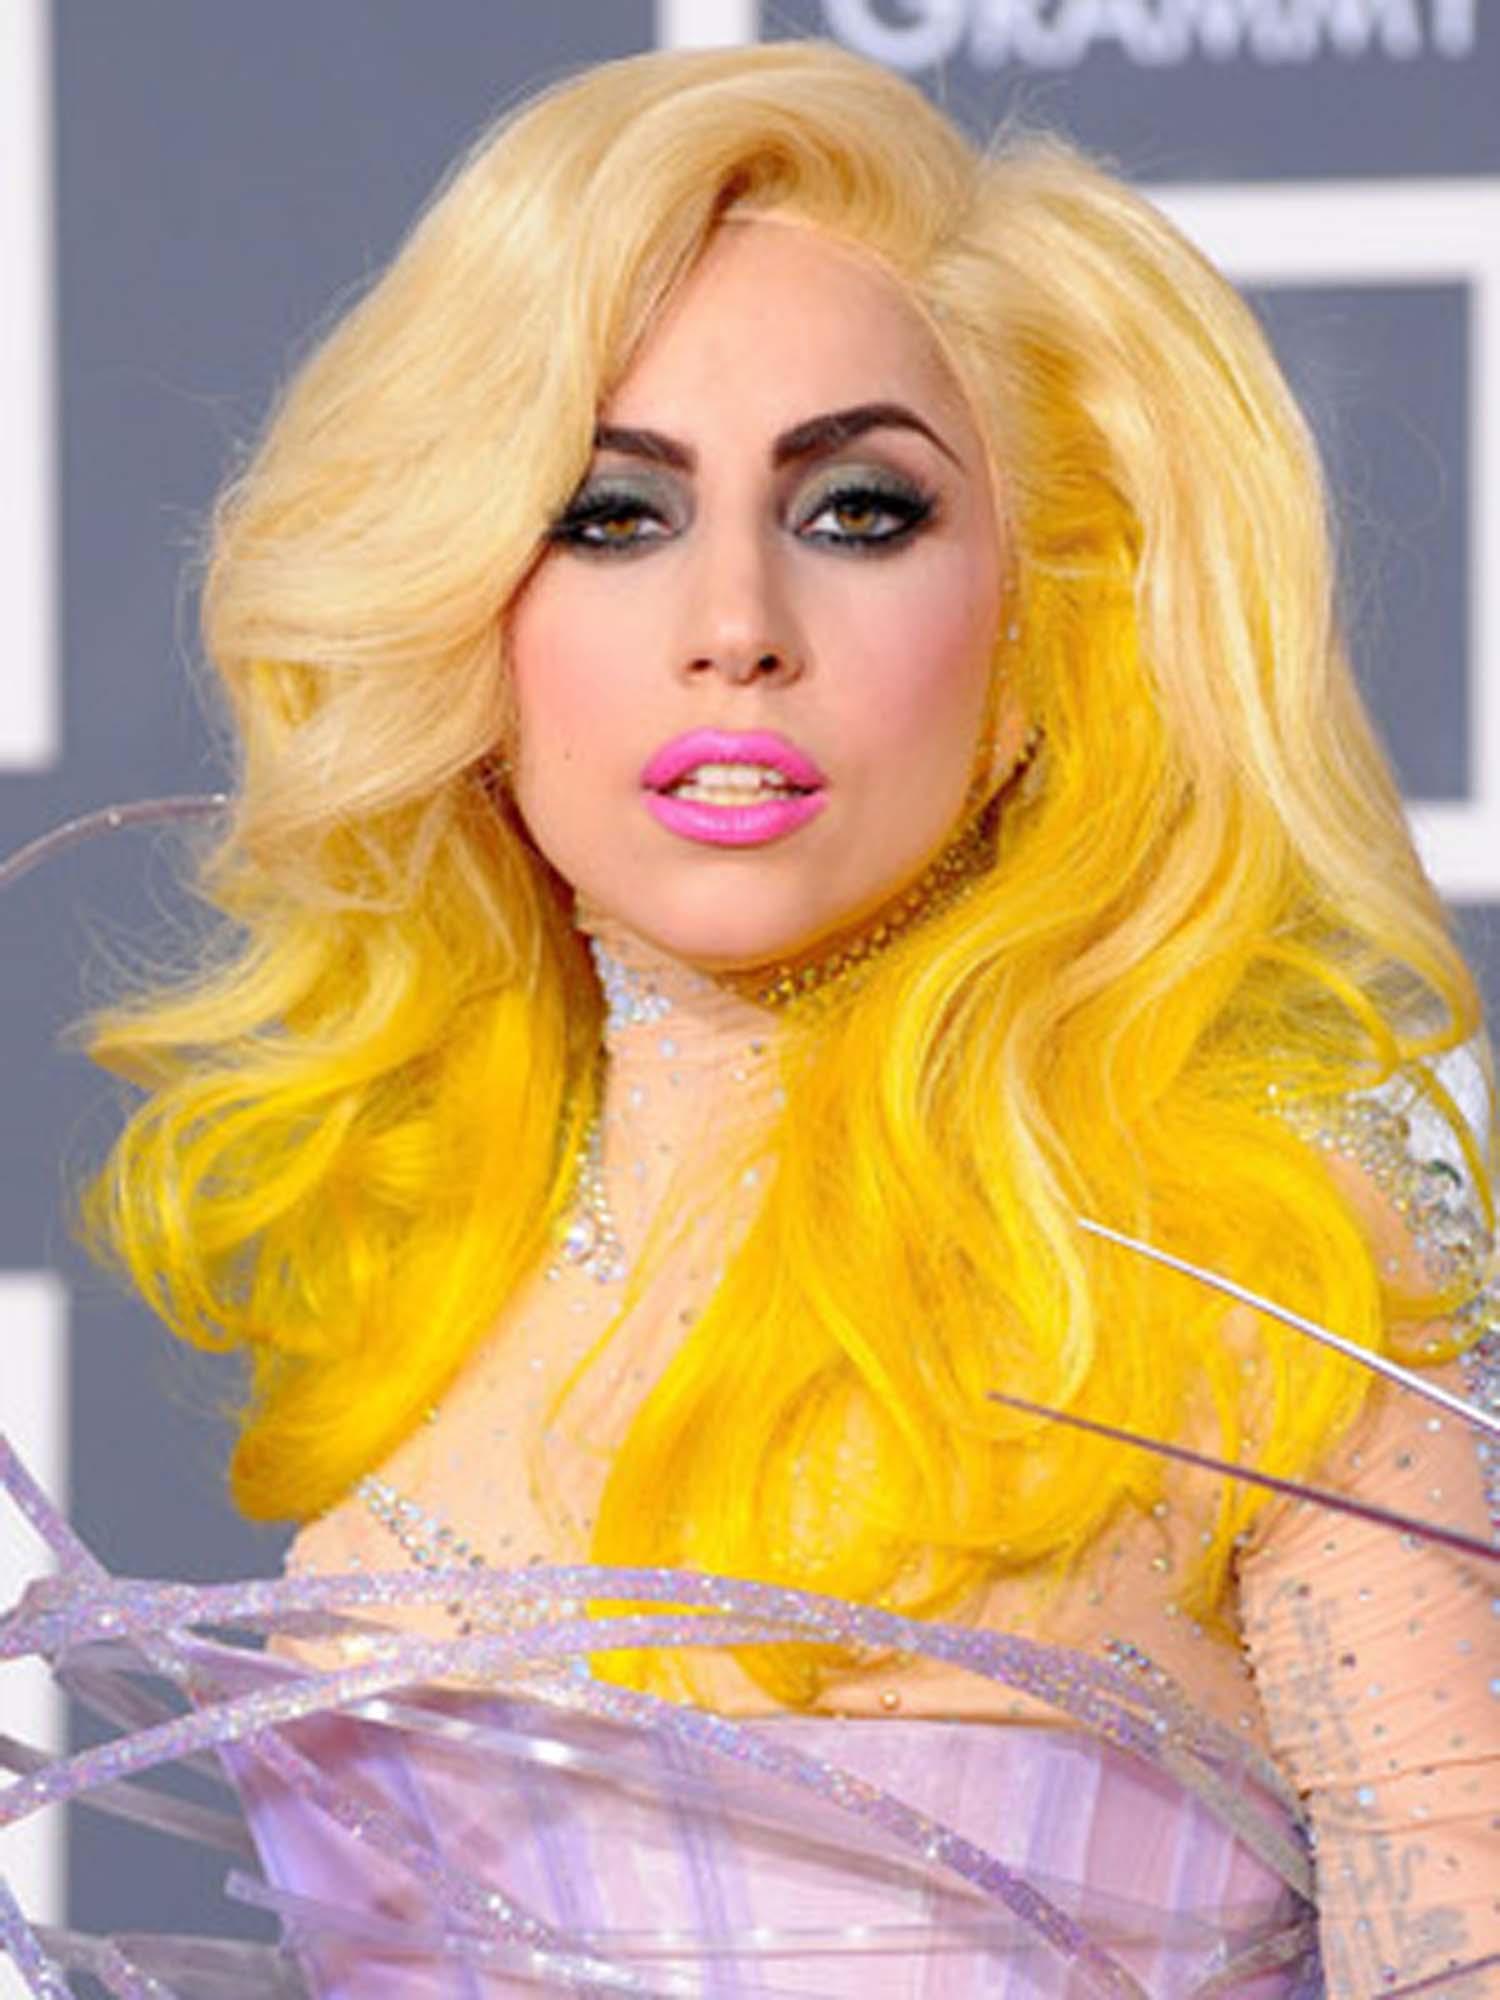 Penteados criativos diferentes de Lady Gaga